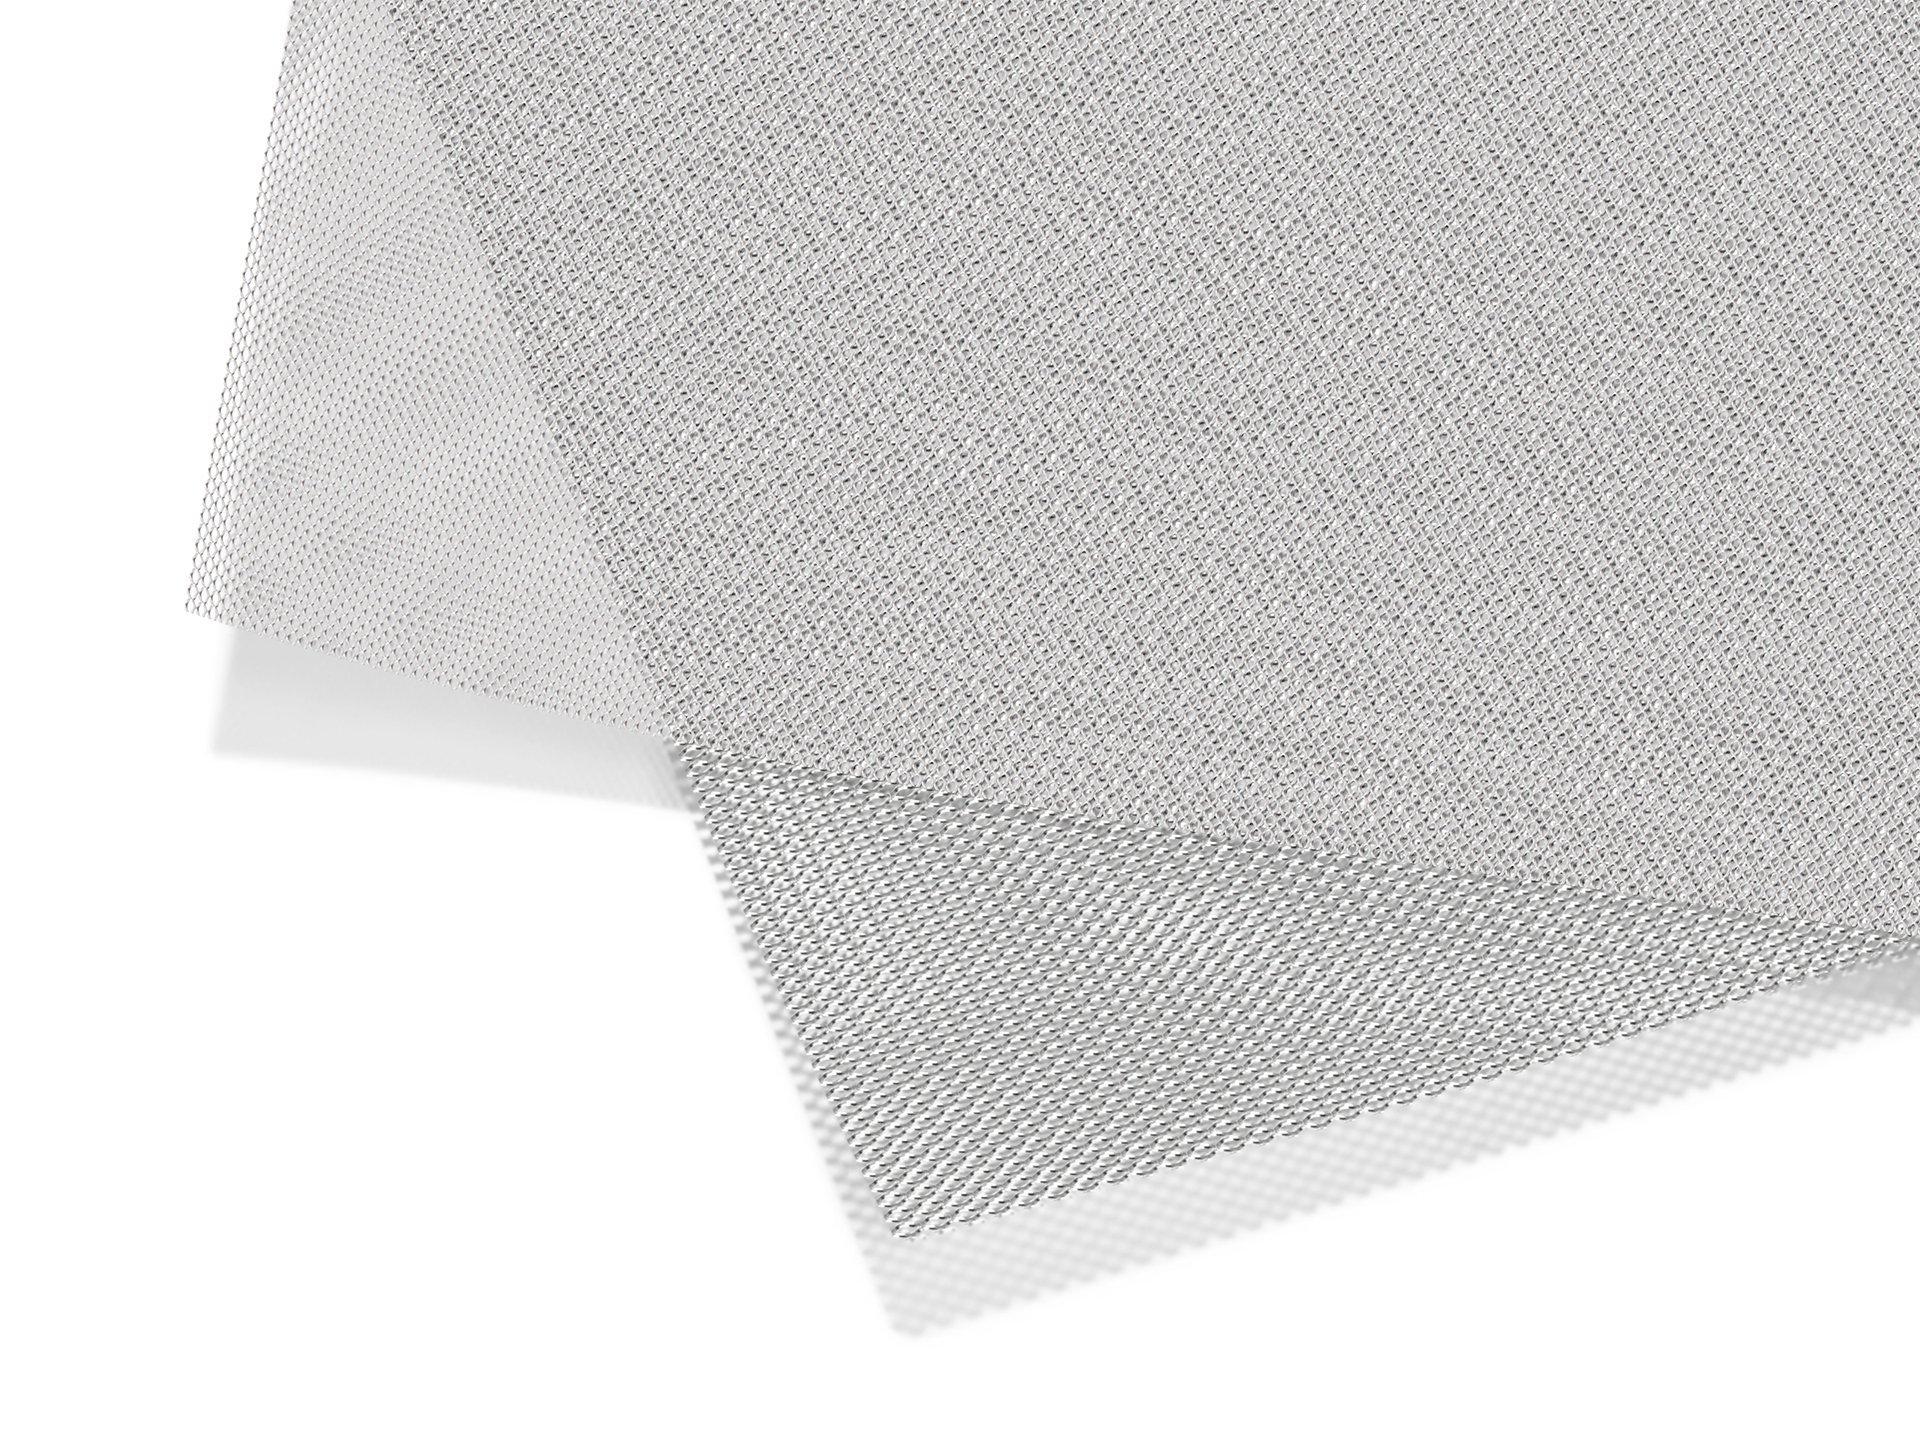 Aluminium Streckmetall Ultrafein Kaufen Modulor